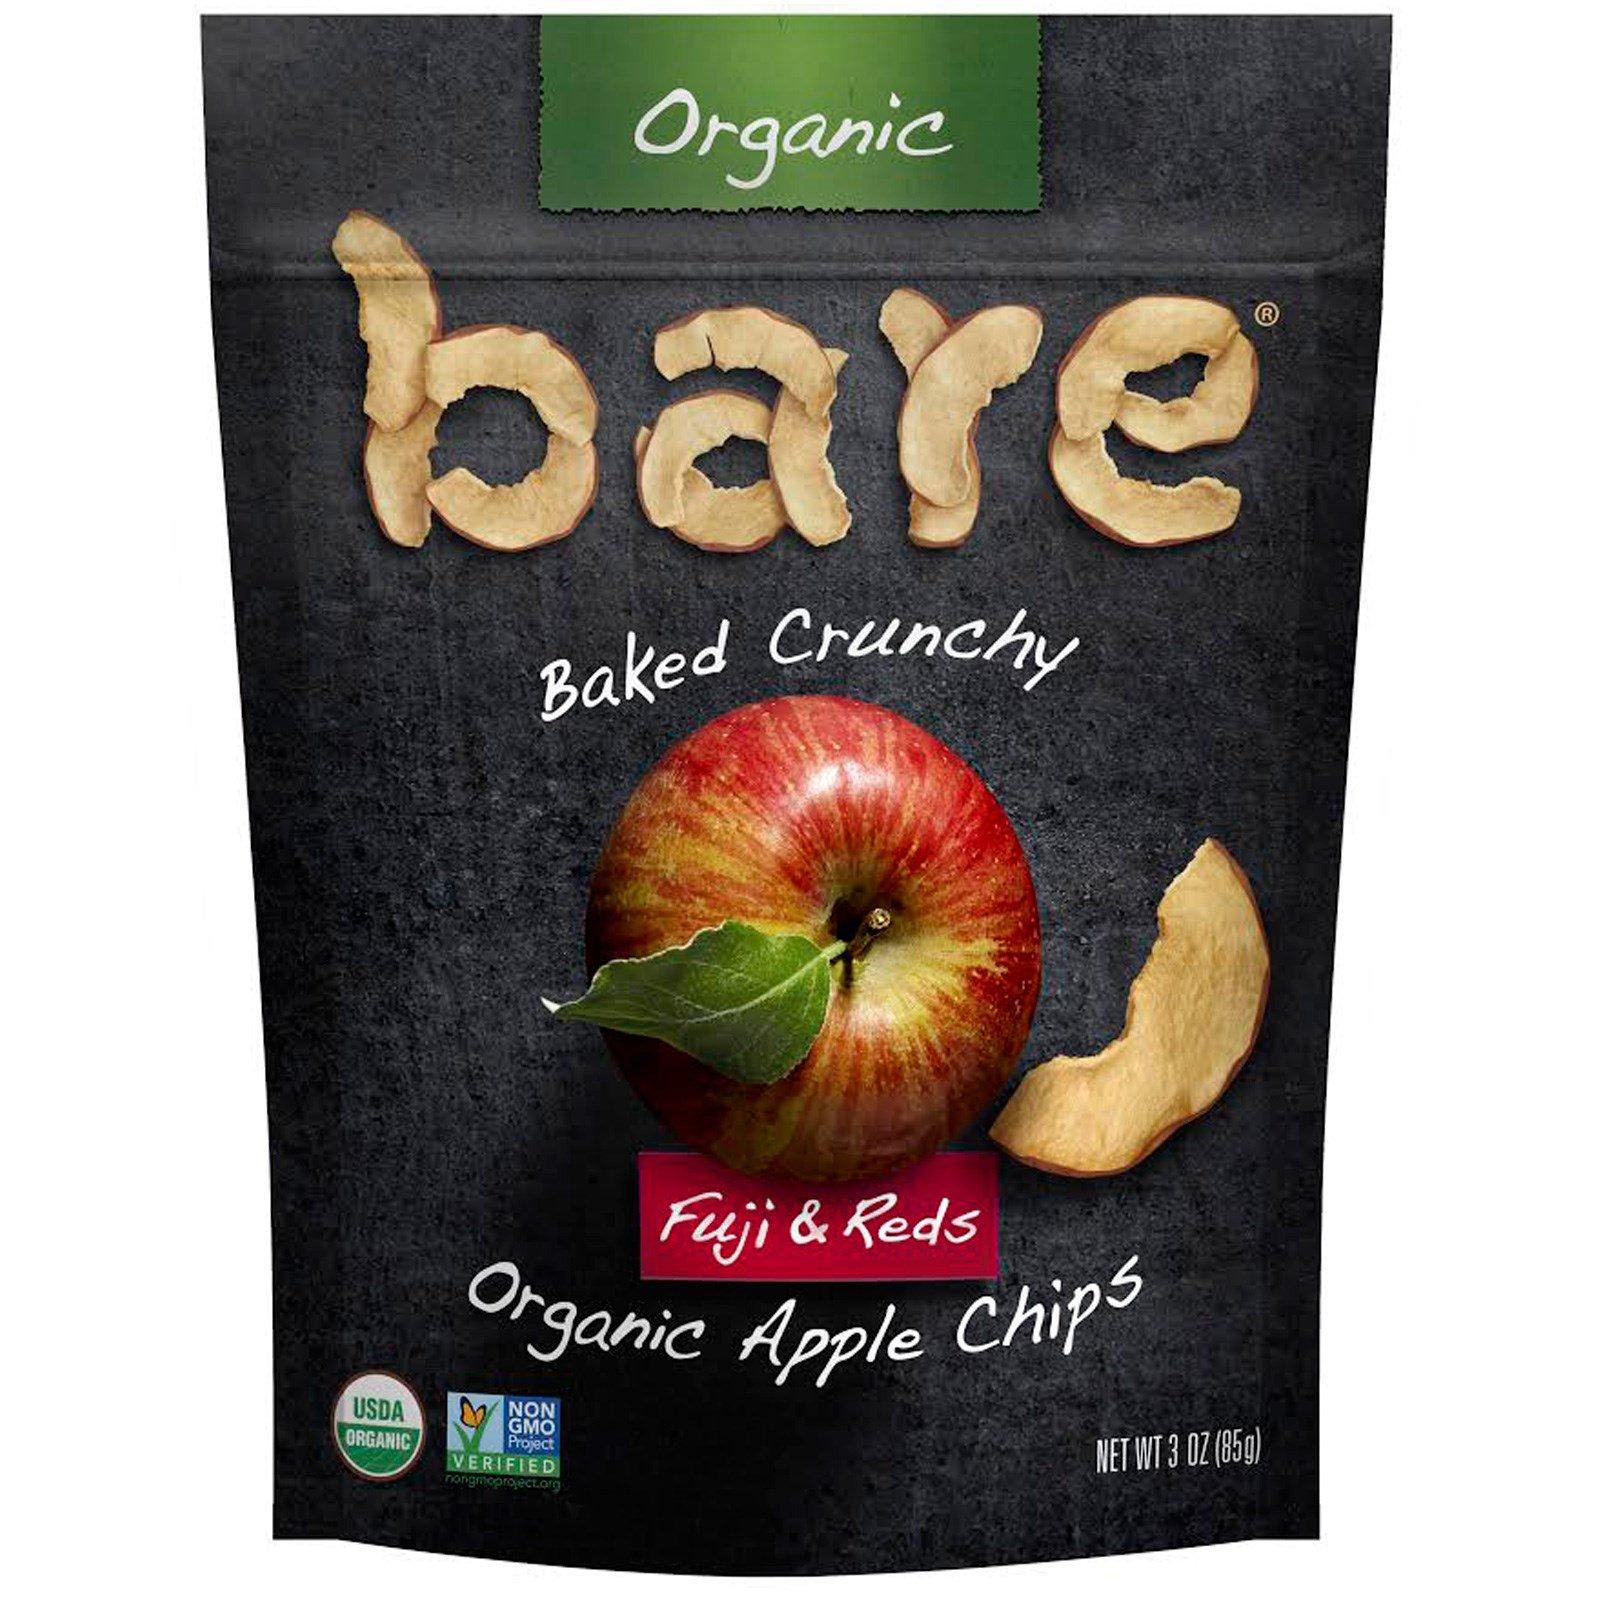 Bare Fruit, Запеченные хрустящие органические яблочные чипсы, фуджи и красные, 3 унции (85 г)